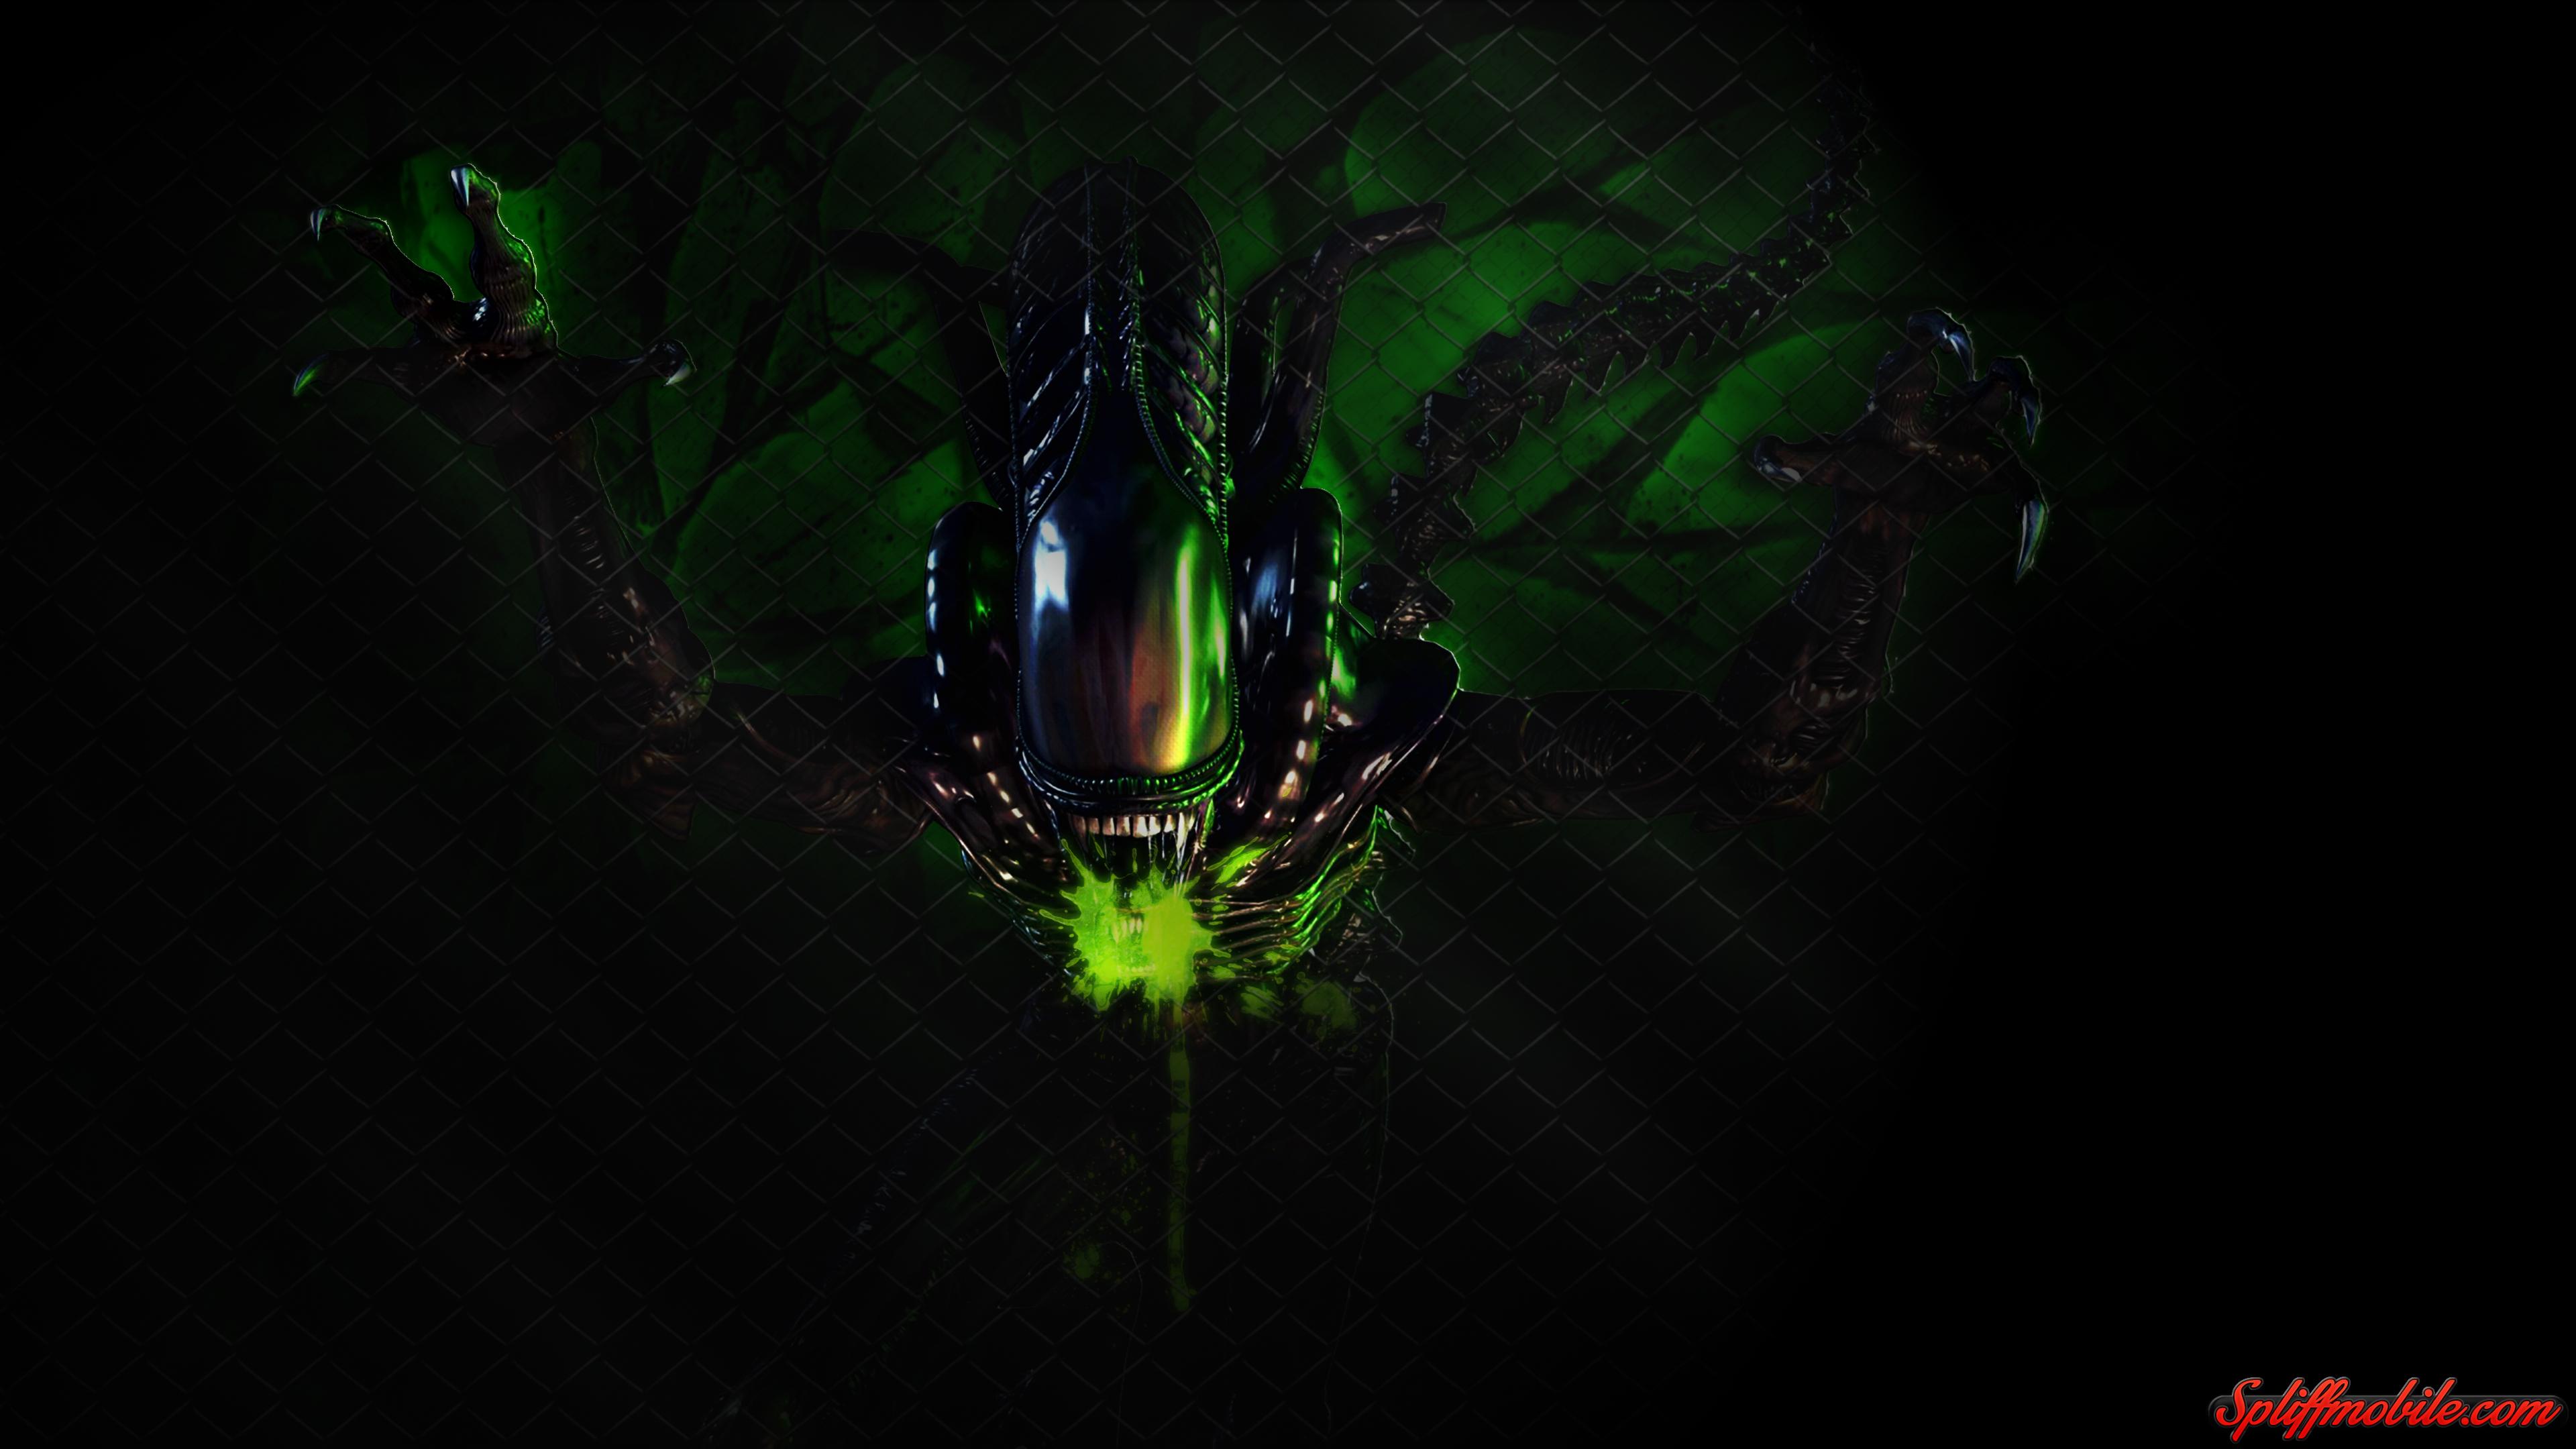 Alien HD Wallpaper - WallpaperSafari